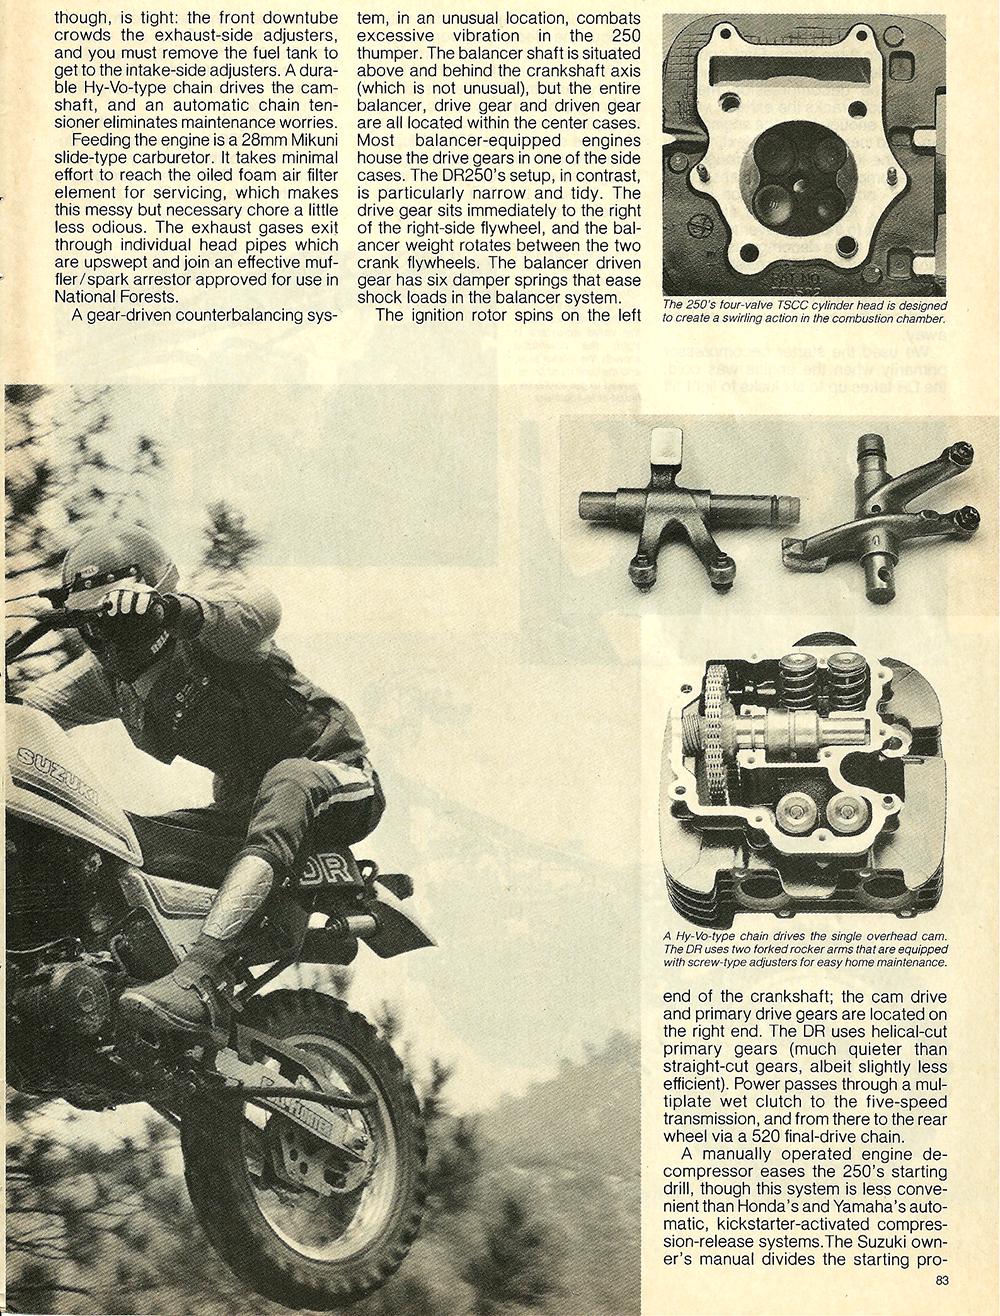 1982 Suzuki DR250Z road test 4.jpg